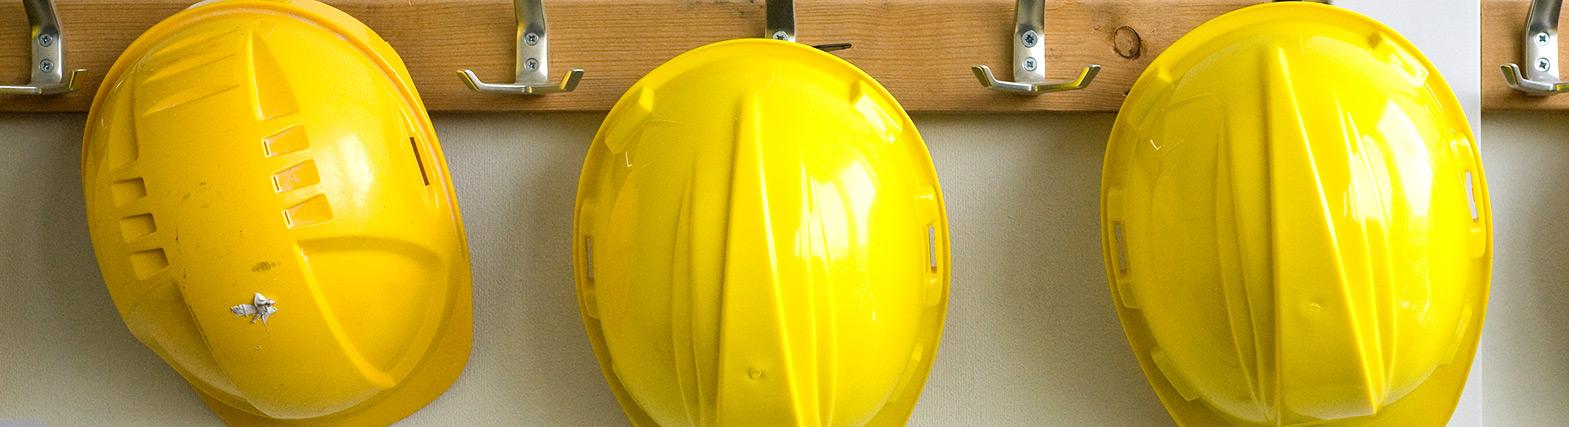 Aggiornamento formazione per addetto alla prevenzione incendi ed evacuazione in aziende a  rischio incendio medio